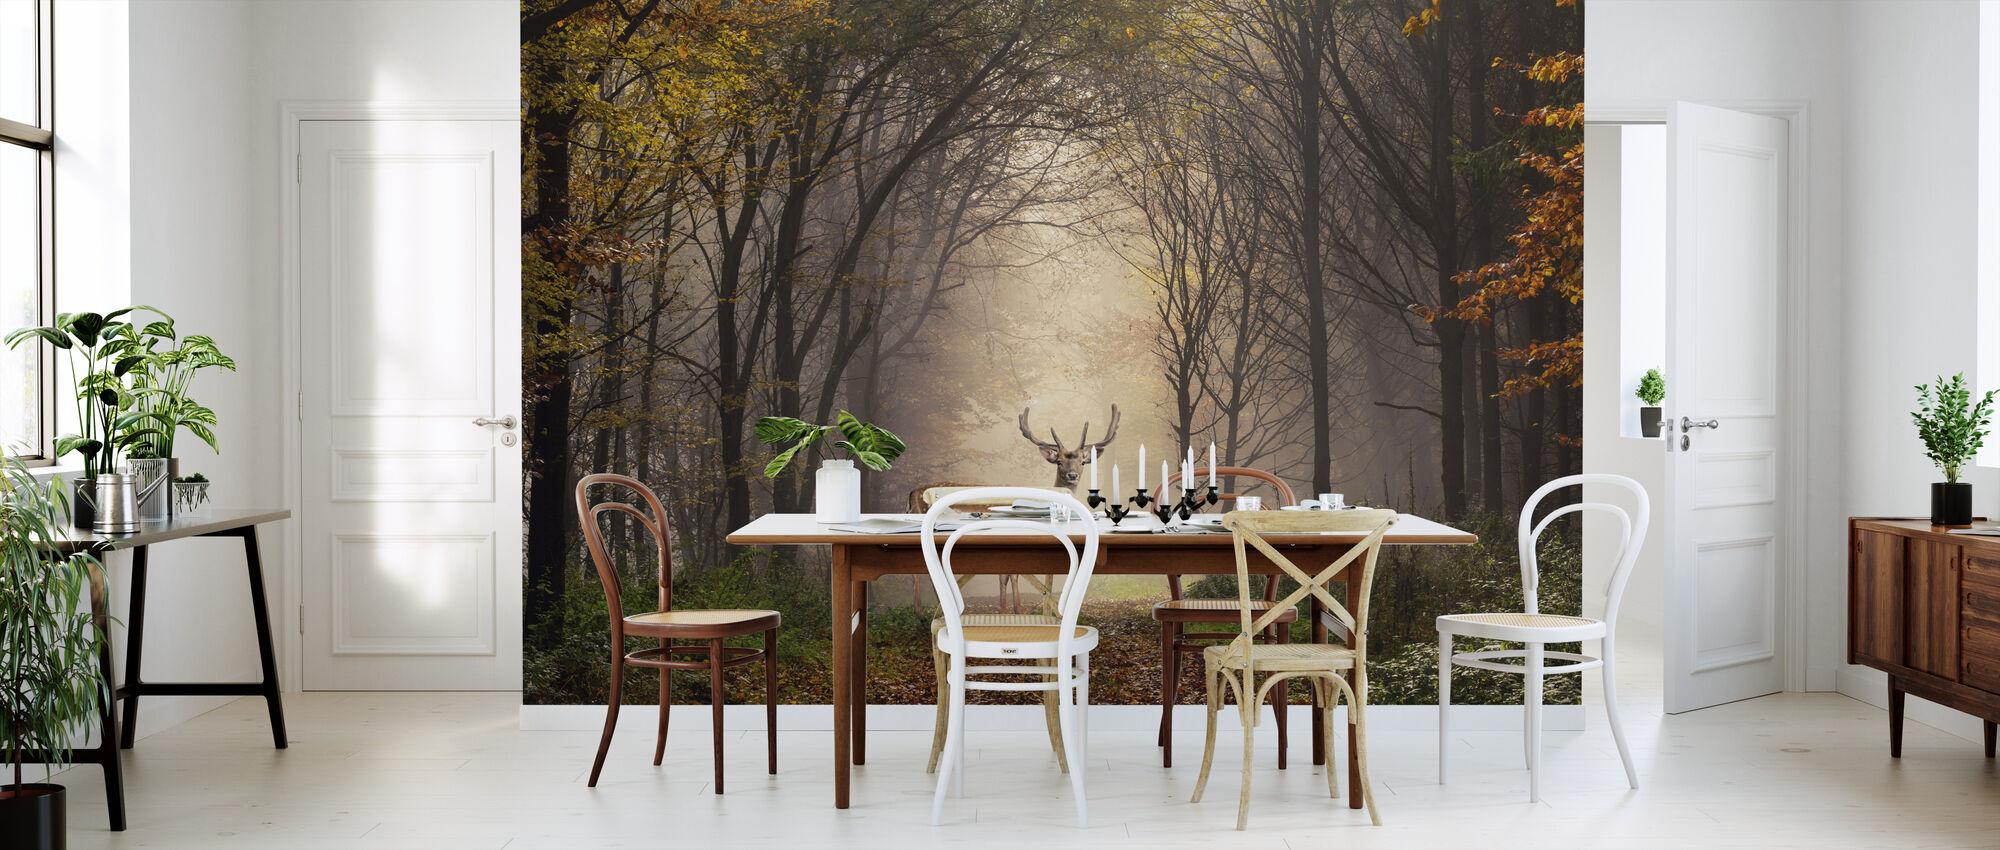 Fallow Deer in a Forest - Wallpaper - Kitchen